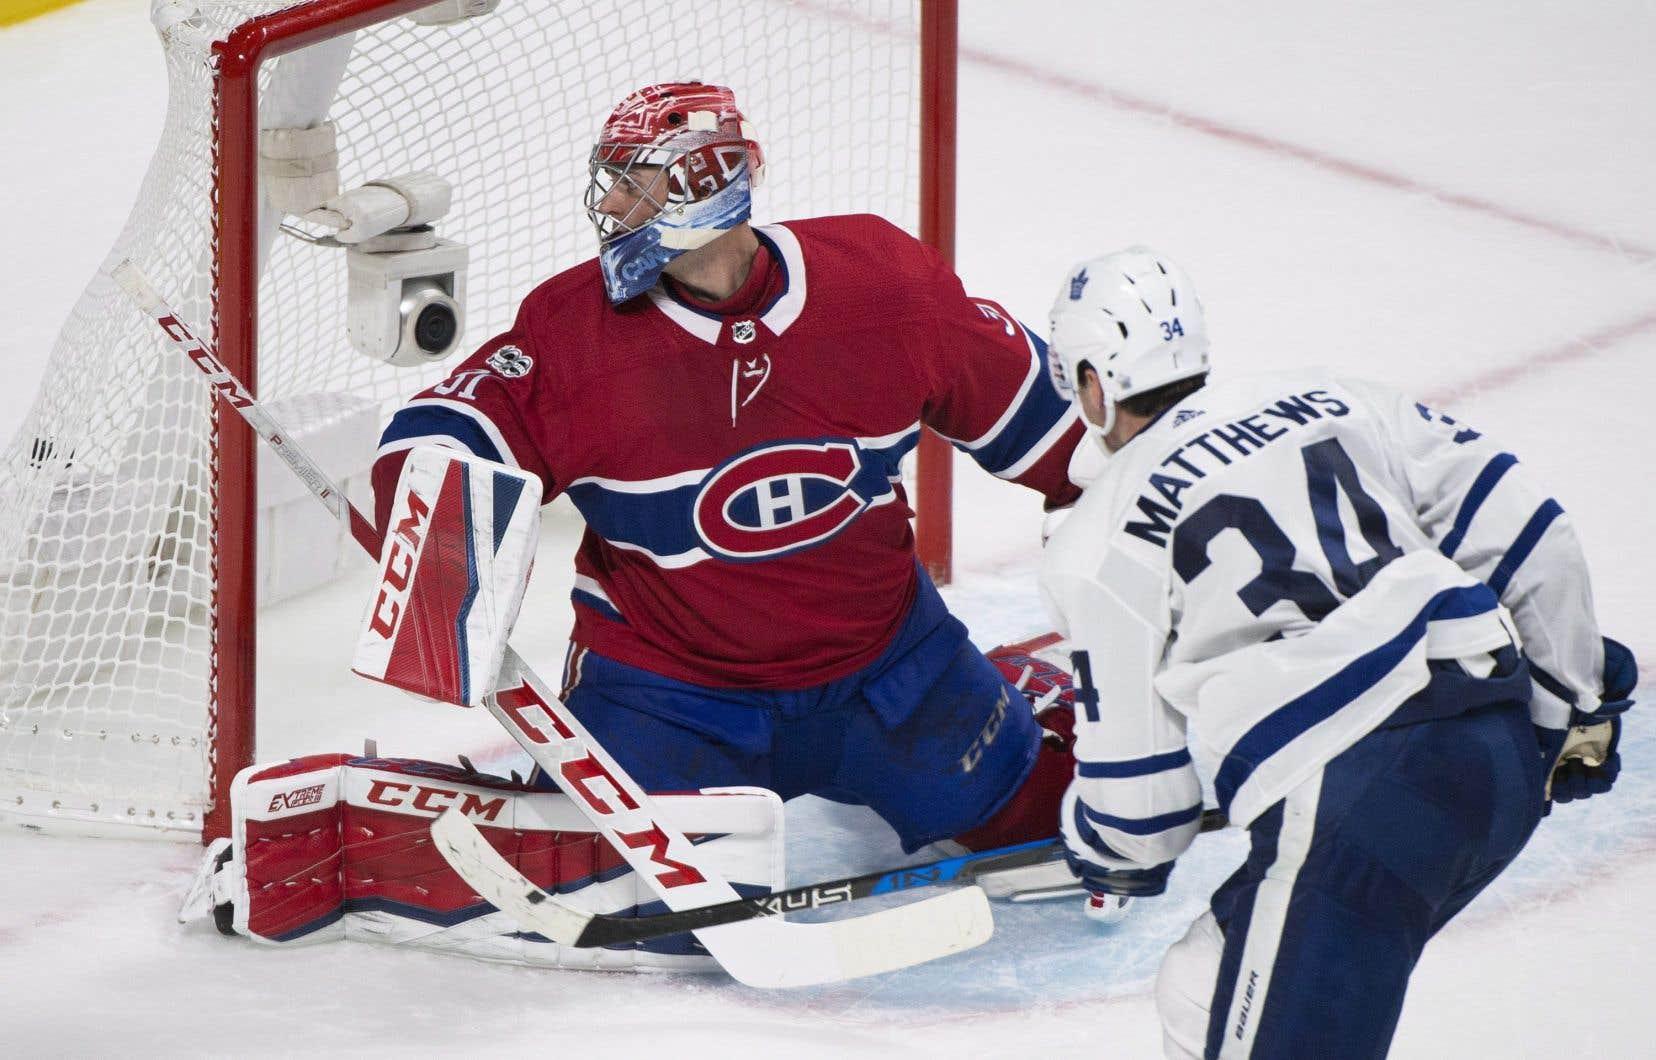 Les Maple Leafs ont finalement eu le dernier mot 4-3 en prolongation gracieuseté d'Auston Matthews.